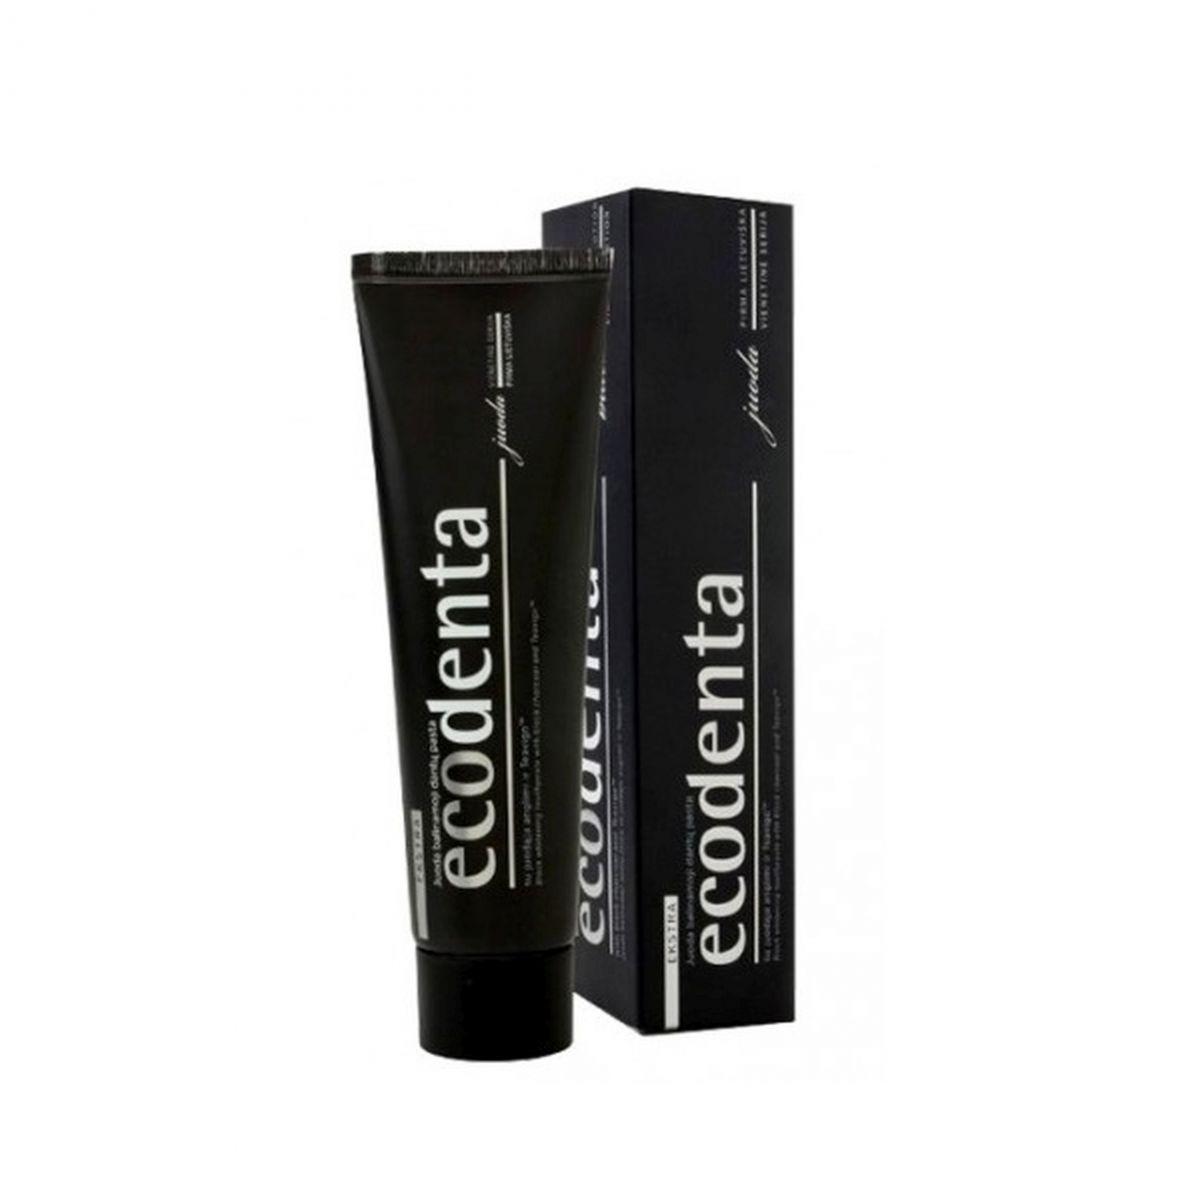 Wybielająca pasta do zębów z węglem aktywnym - 100ml - Ecodenta